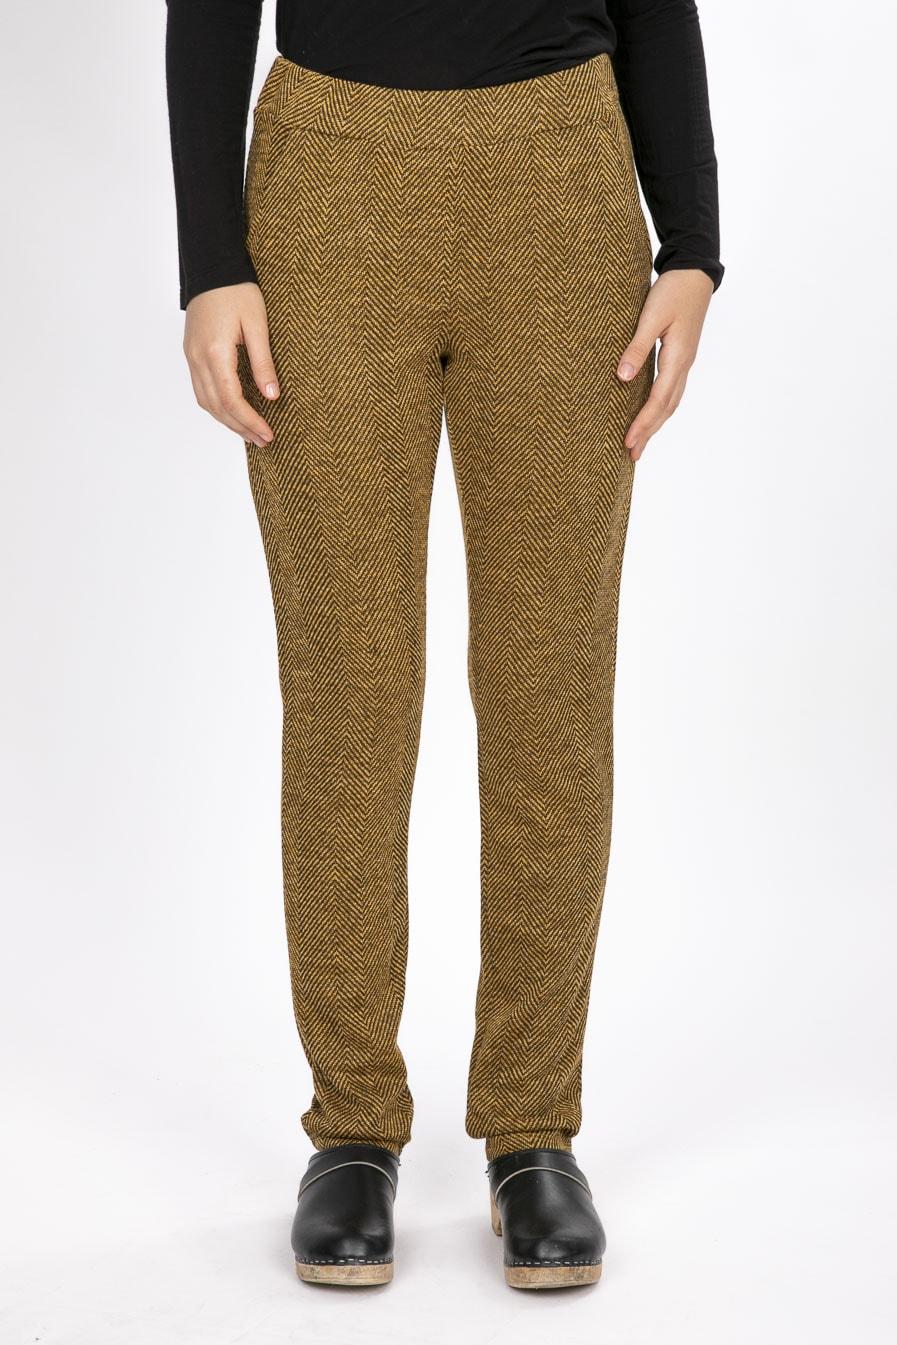 מכנסיים נוחים מבד נעים מכנסיים לחורף